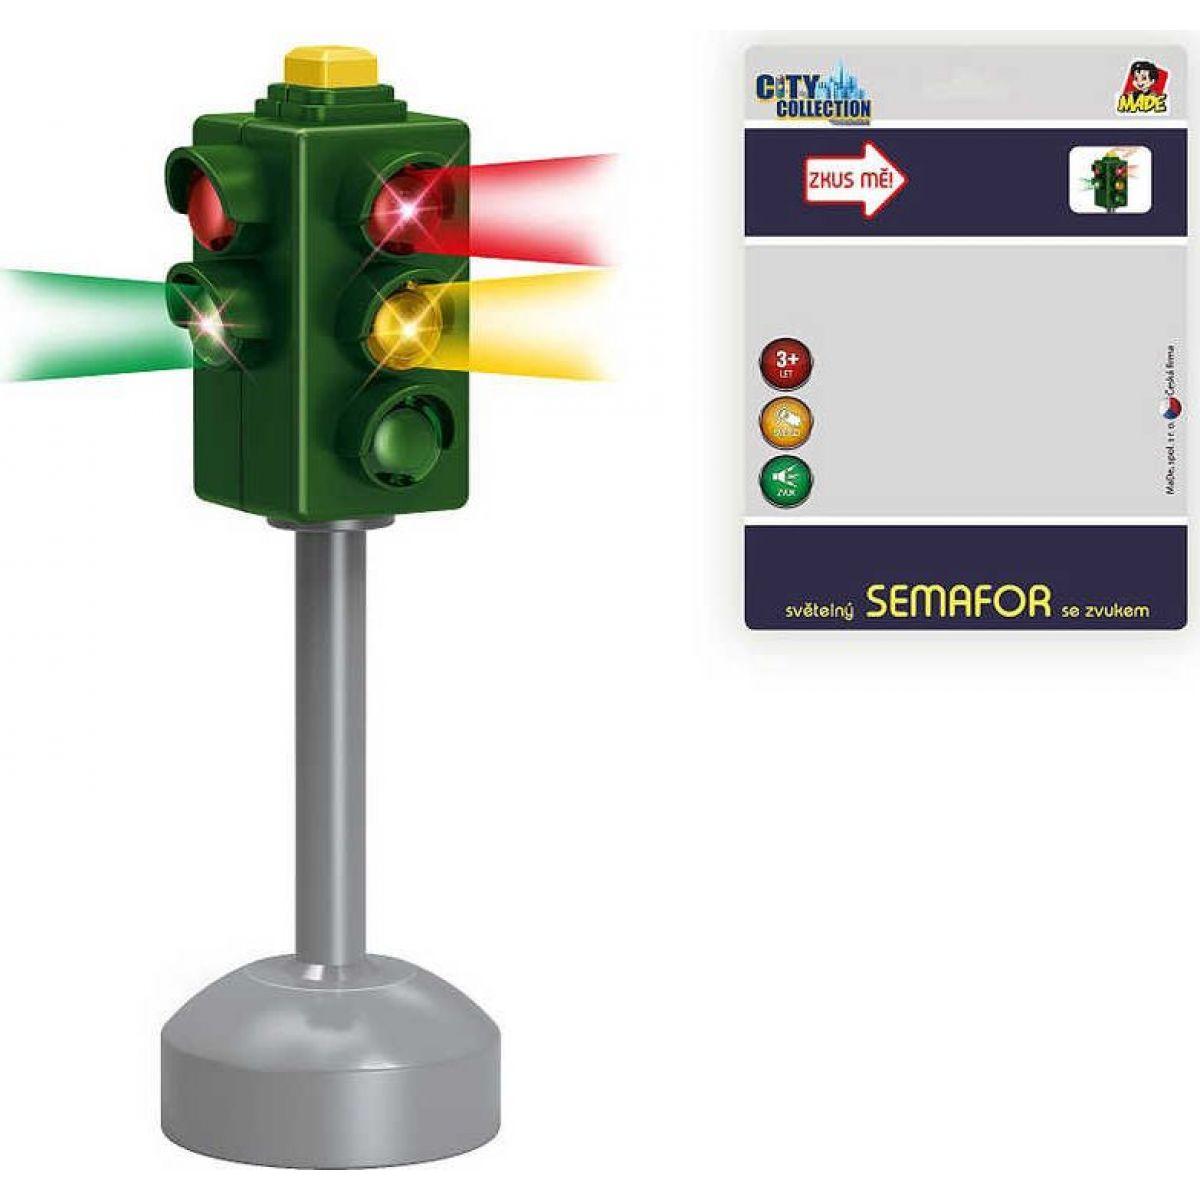 Made Set semaforu se značkami 20 x 15 cm